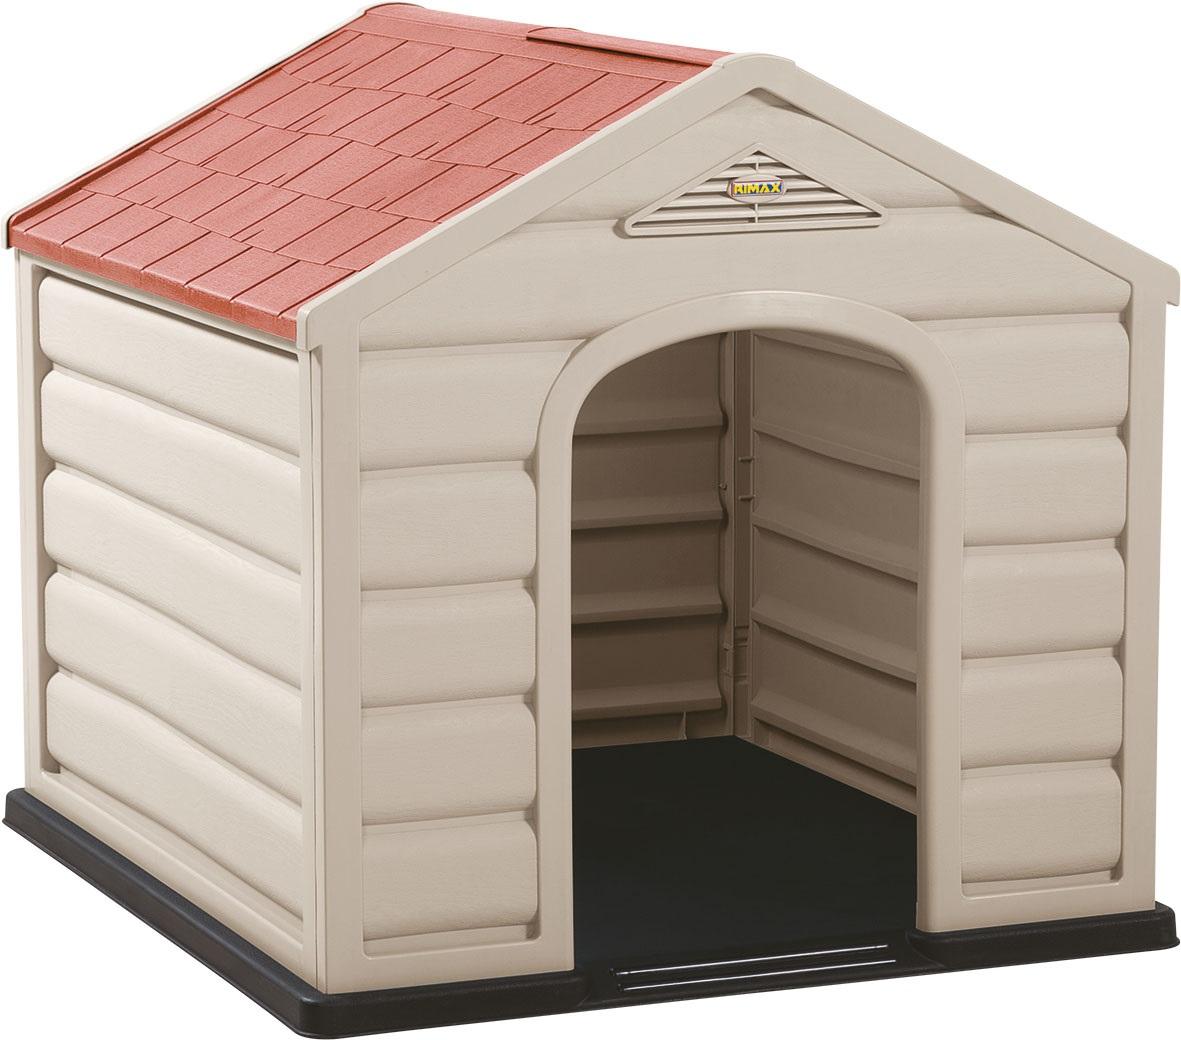 Casa de perro de 61cm x 68cm x 58.5cm plástica de razas pequeñas de color taupe/